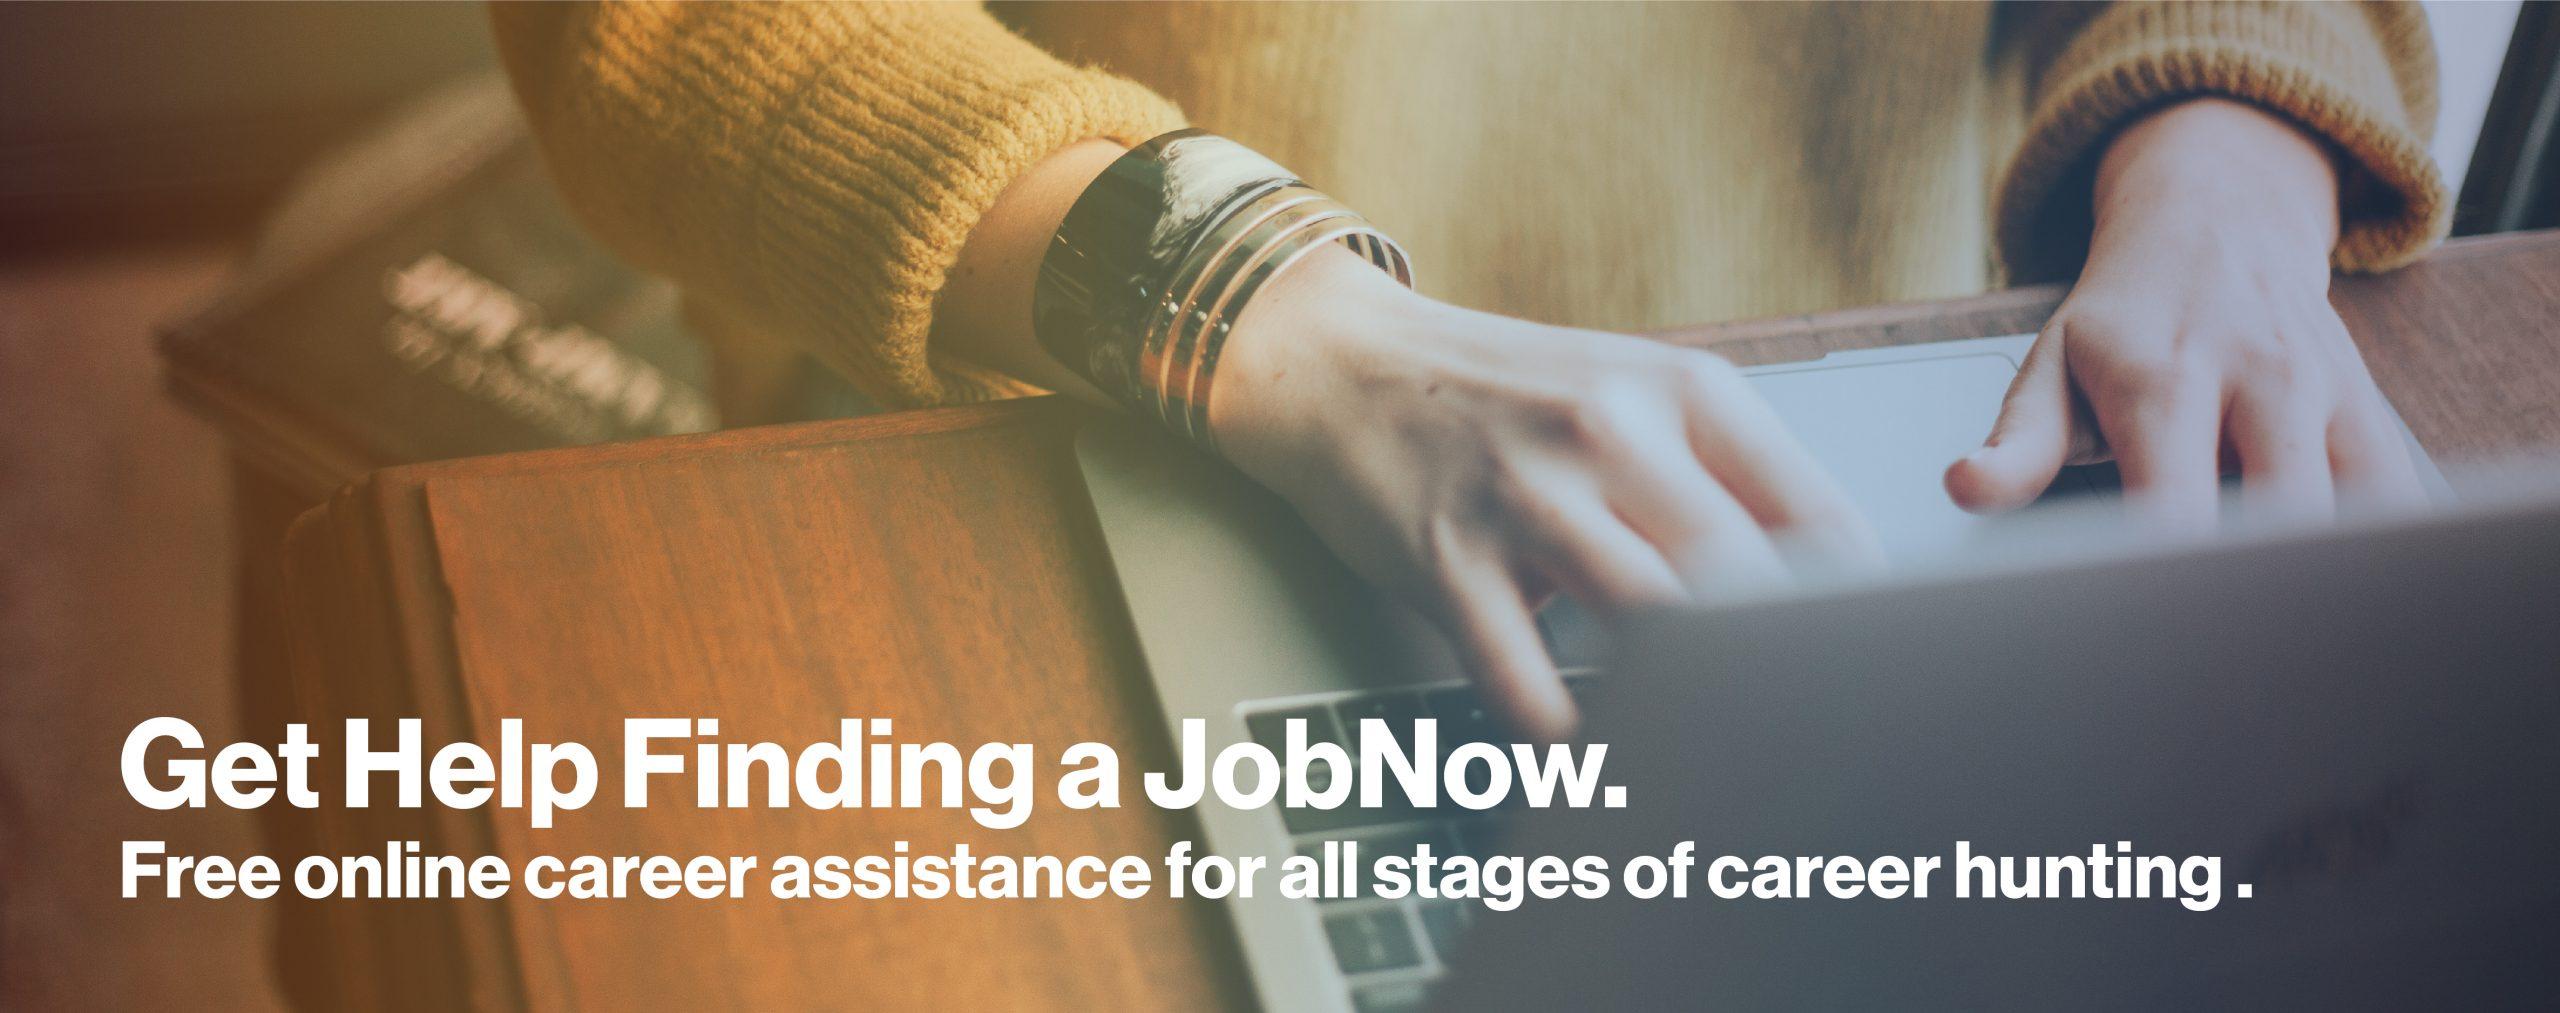 Get help finding a JobNow.